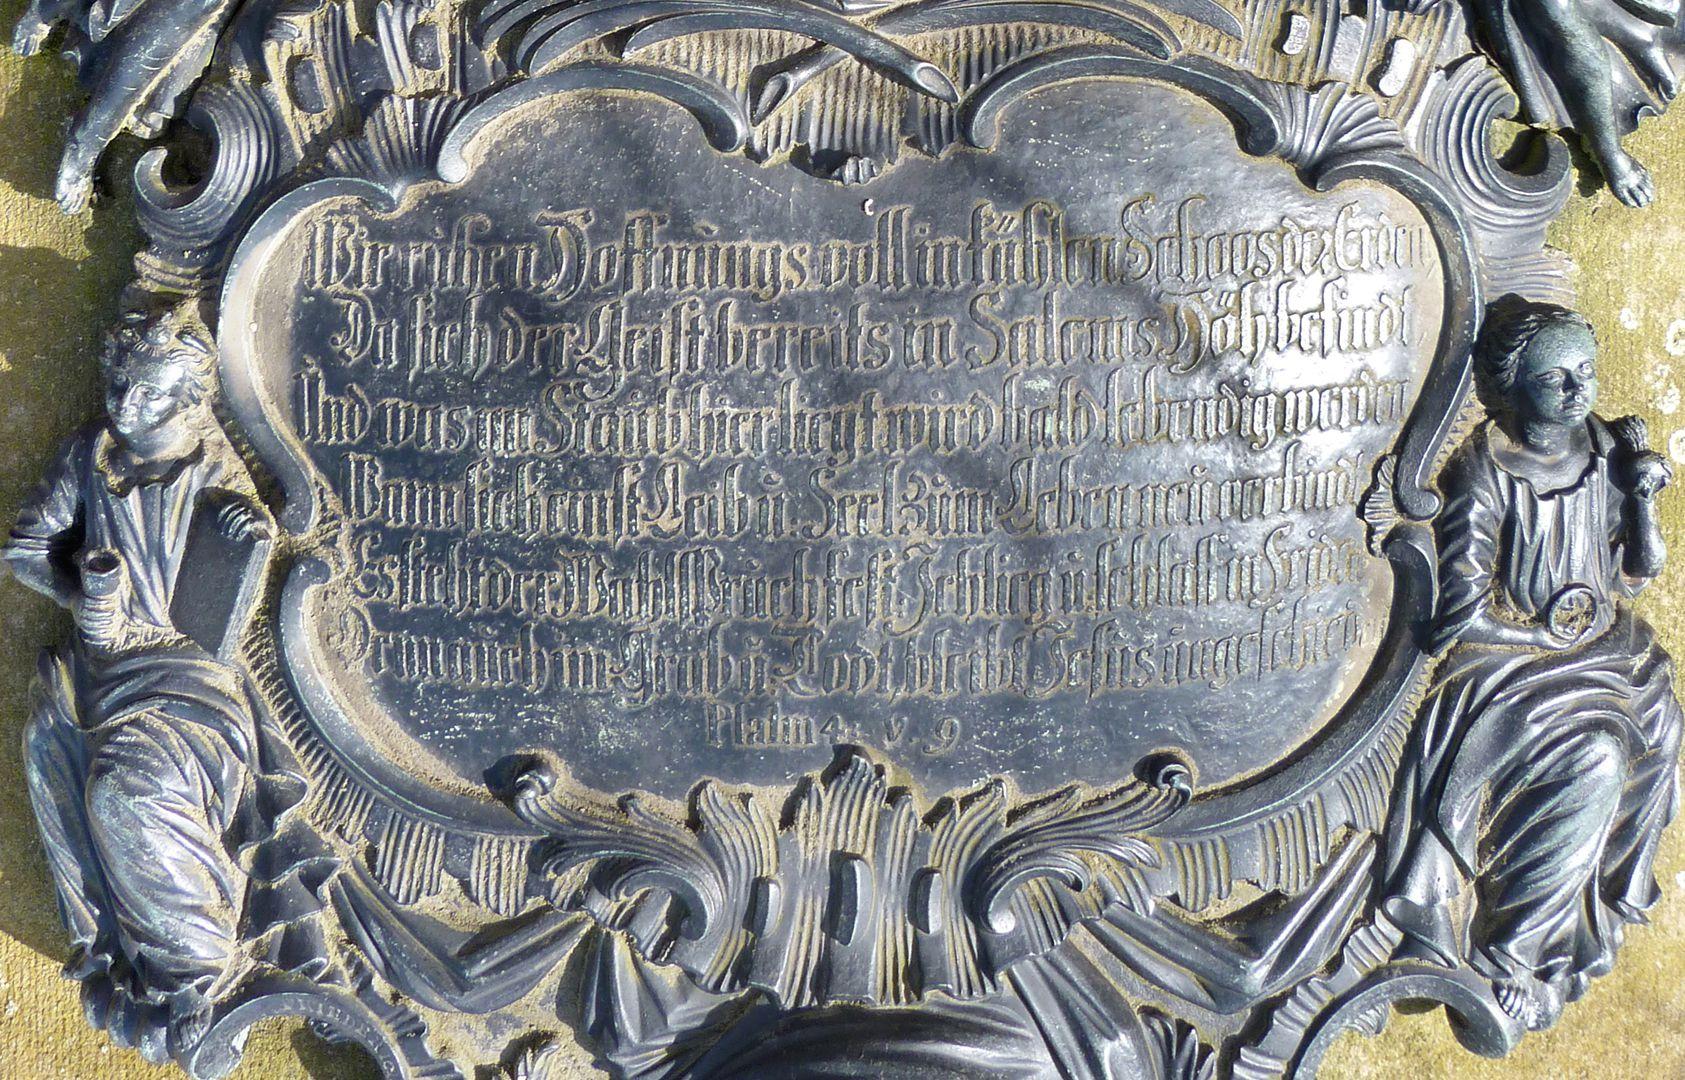 Tumba des Georg Wolff Pantzer und Ehefrau Anna Maria Elisabetha Ruland untere Inschriftpartie mit flankierenden Allegorien